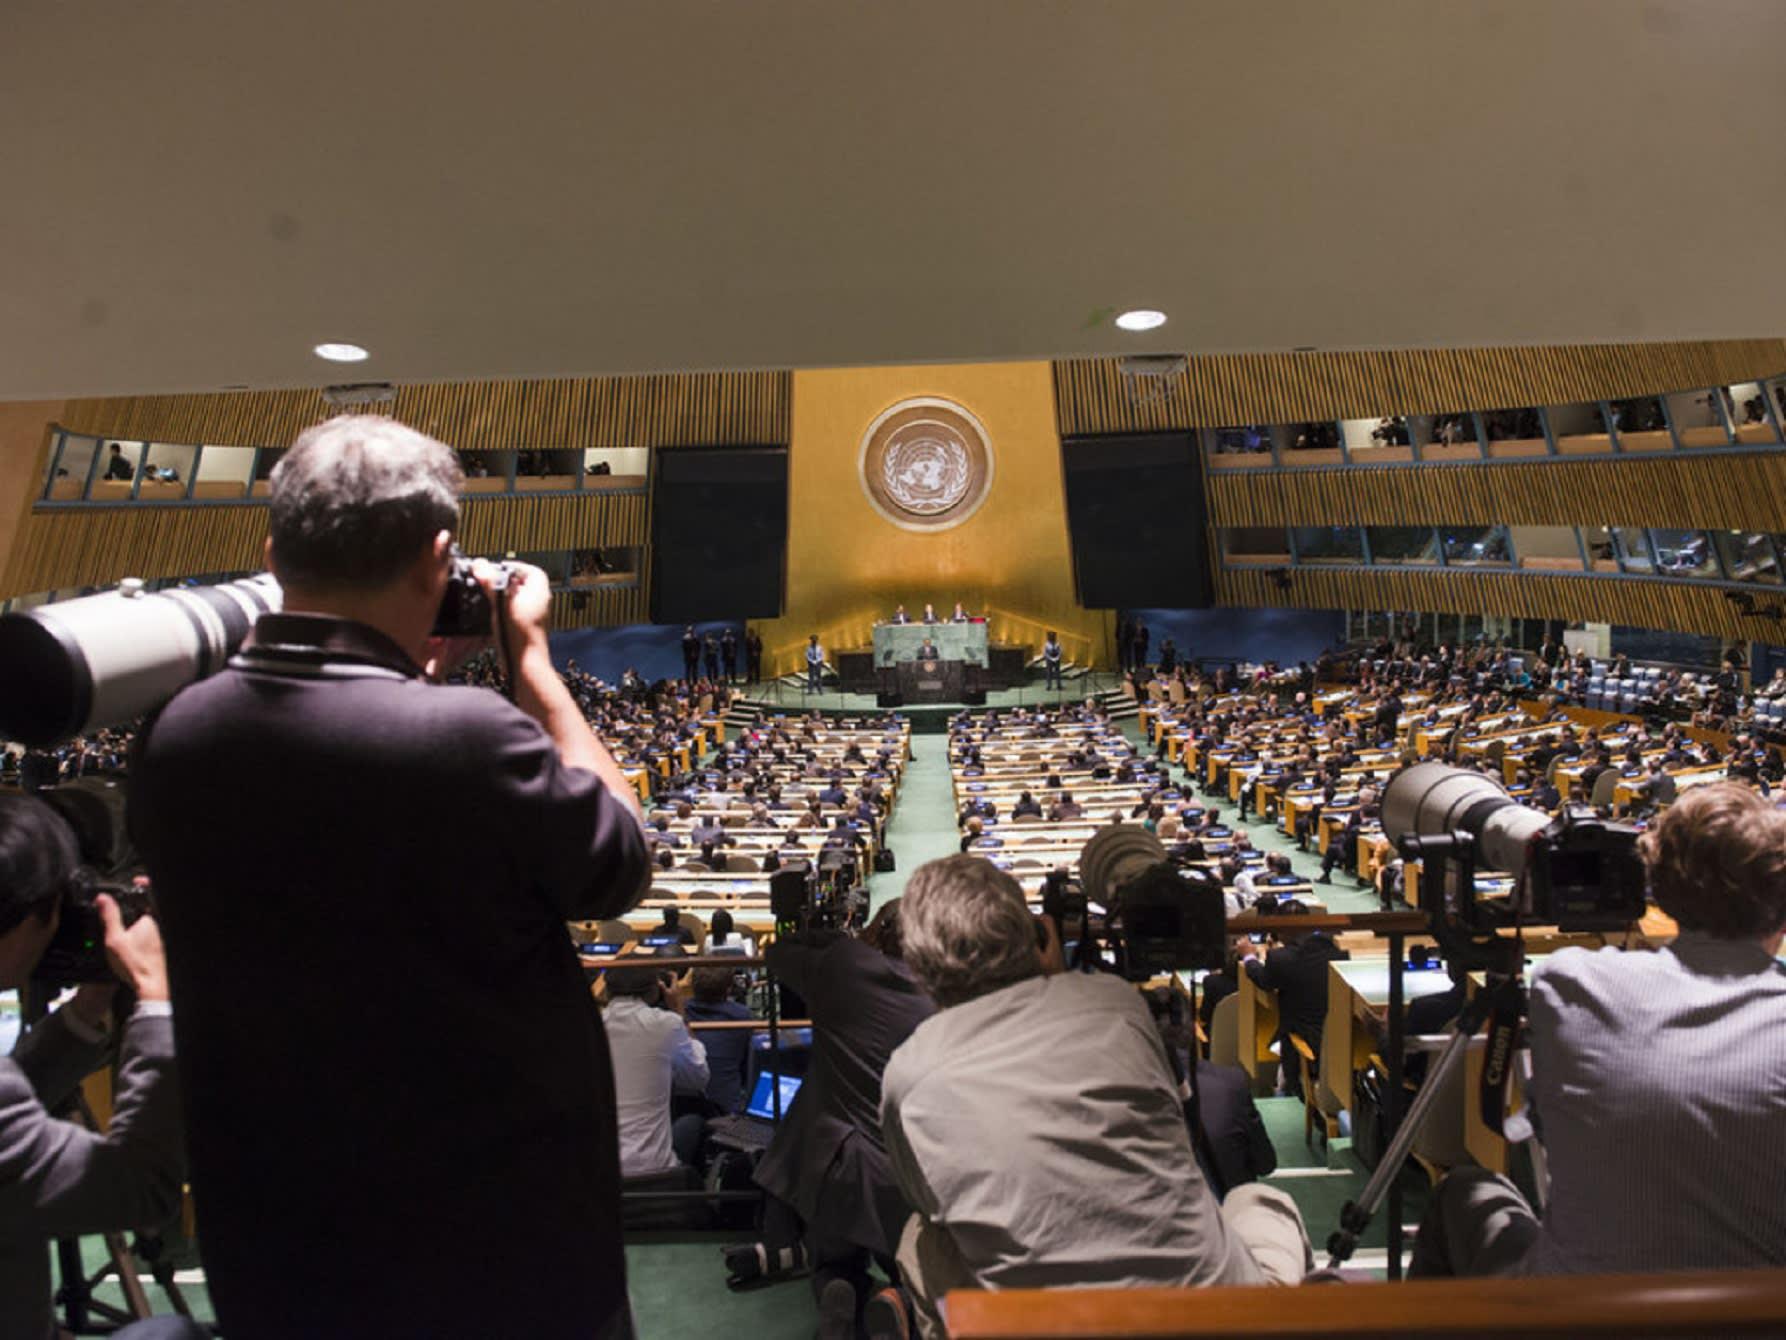 الأمم المتحدة تفشل في تبني قرار أمريكي يدين حماس